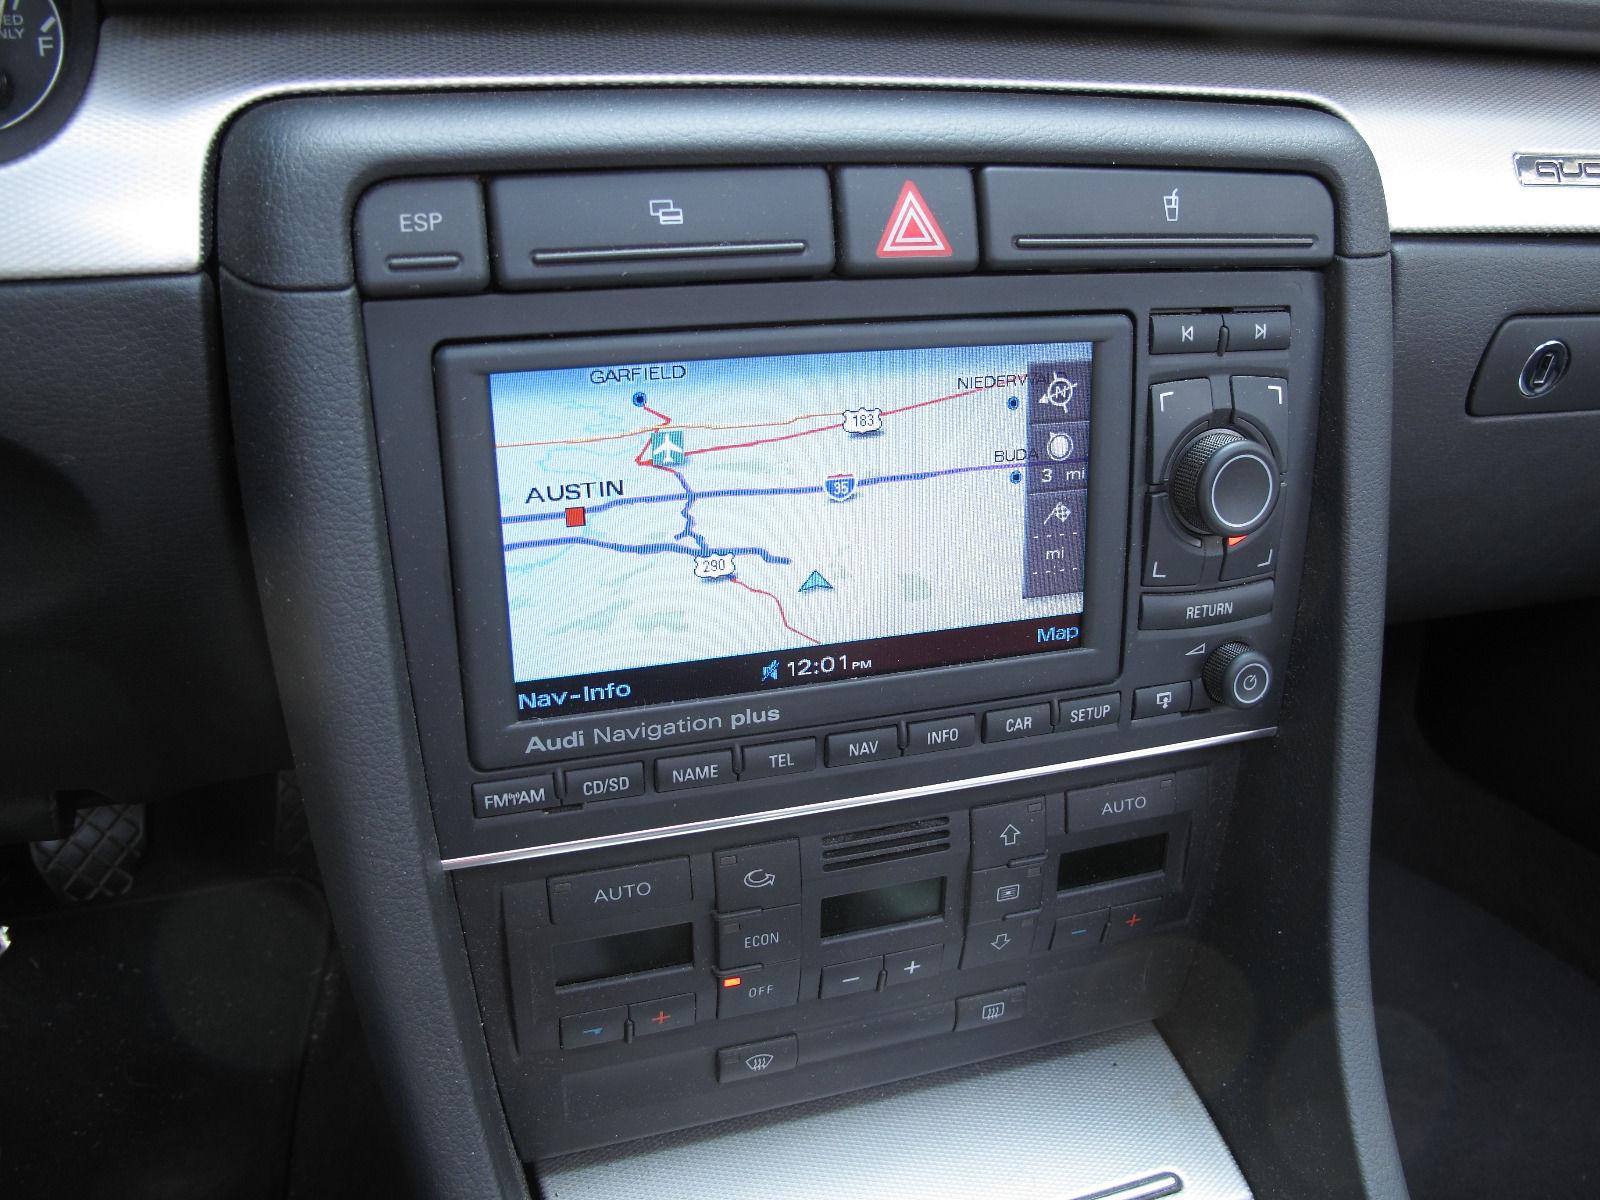 Audi Navigation Plus Wiring Diagram | Wiring Diagram Liry on